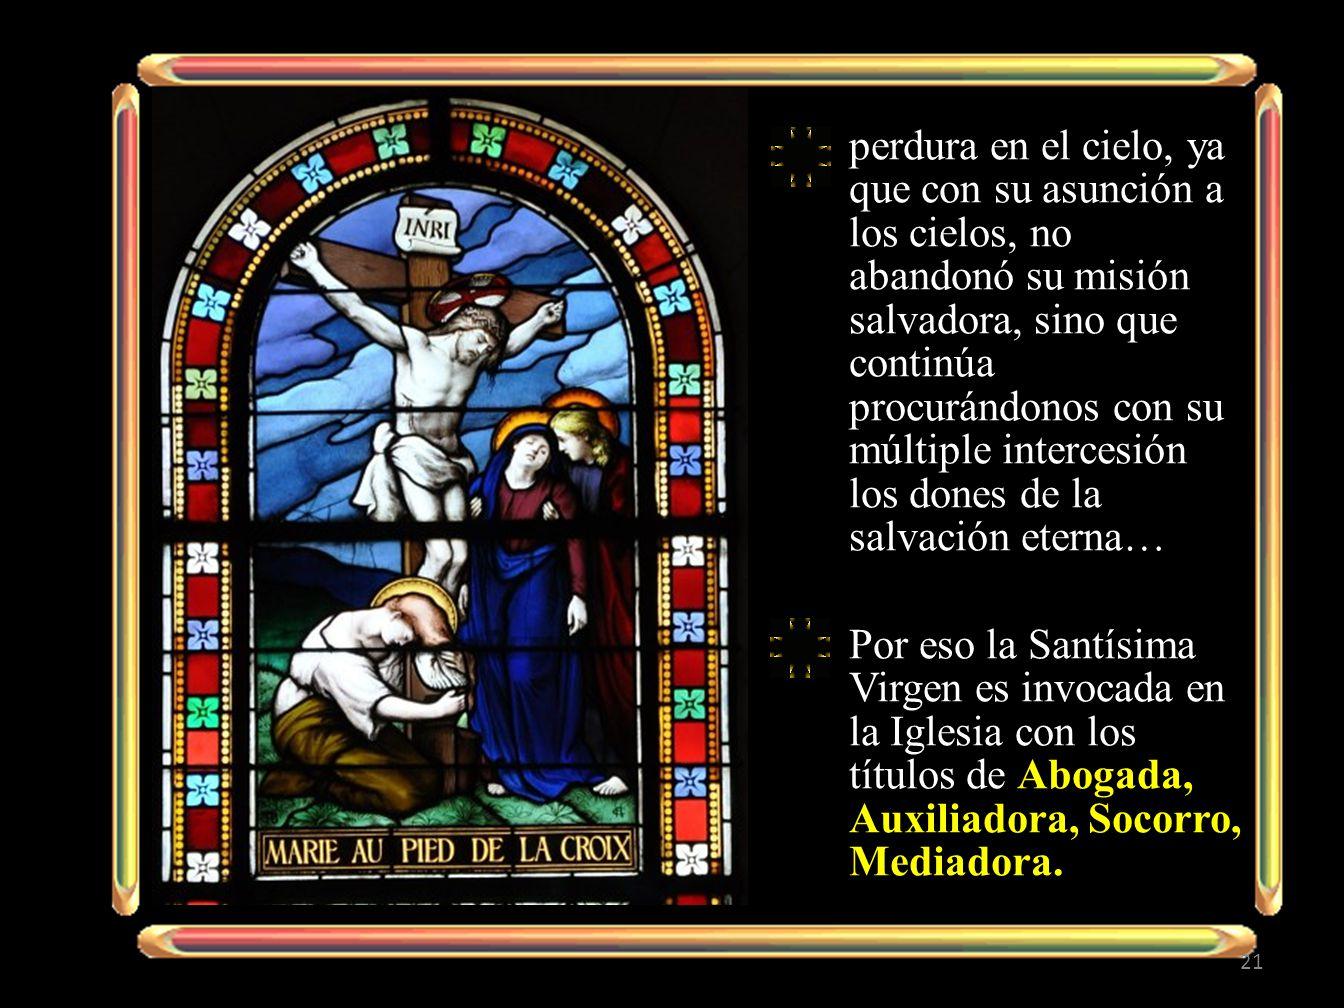 perdura en el cielo, ya que con su asunción a los cielos, no abandonó su misión salvadora, sino que continúa procurándonos con su múltiple intercesión los dones de la salvación eterna…